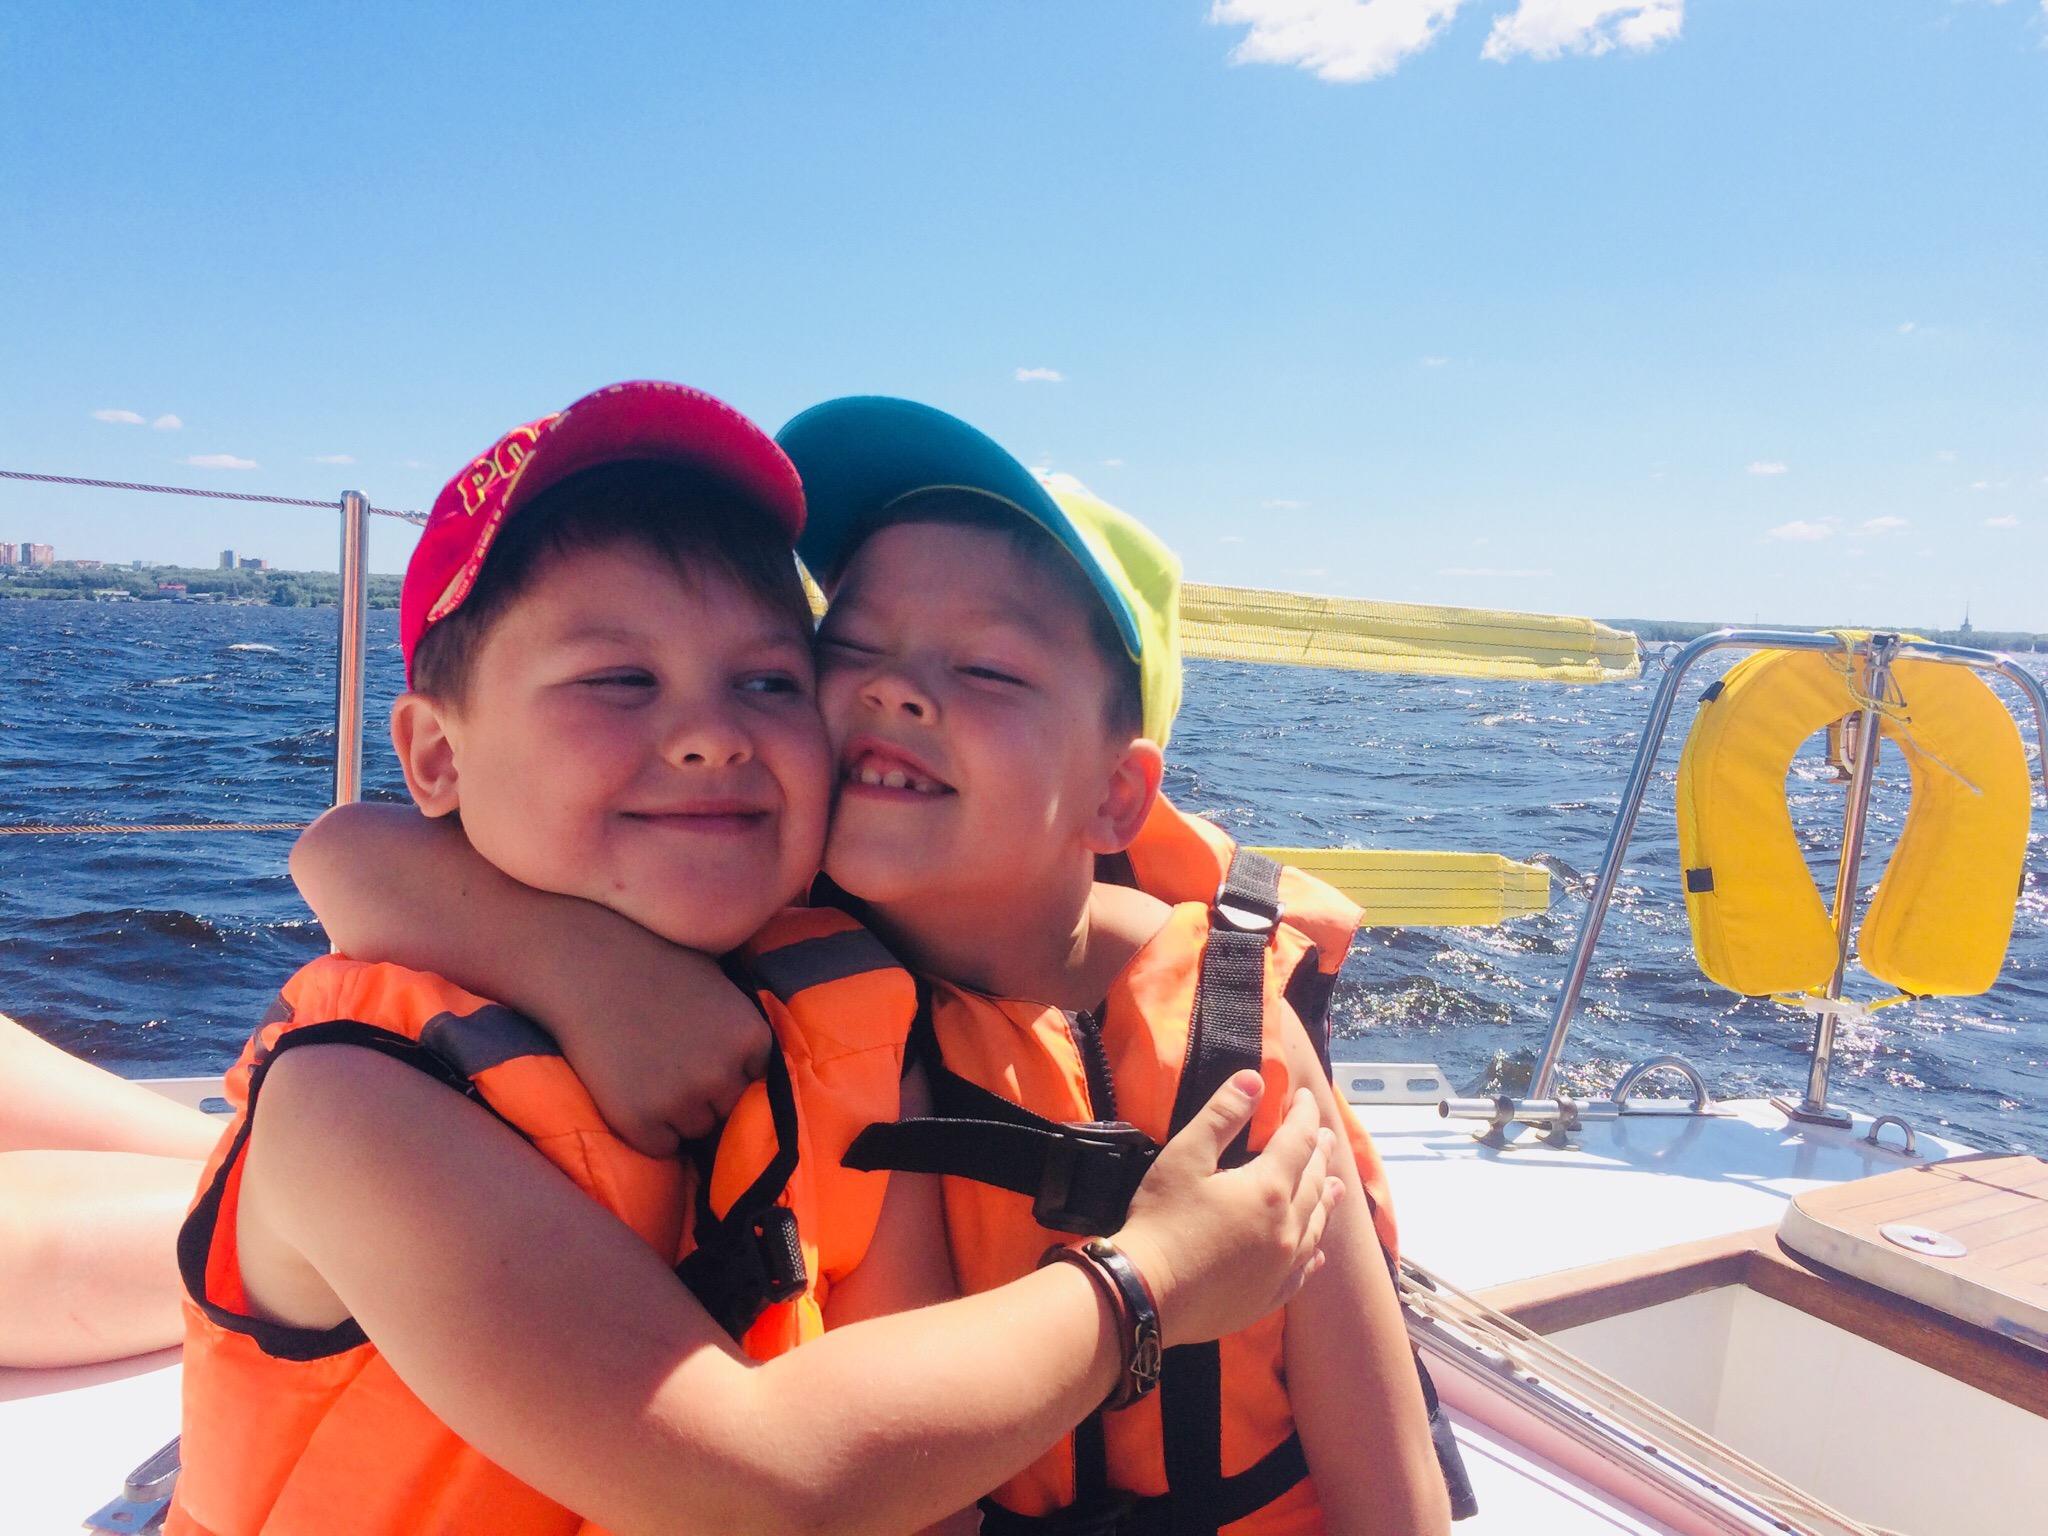 дети на яхте пермь